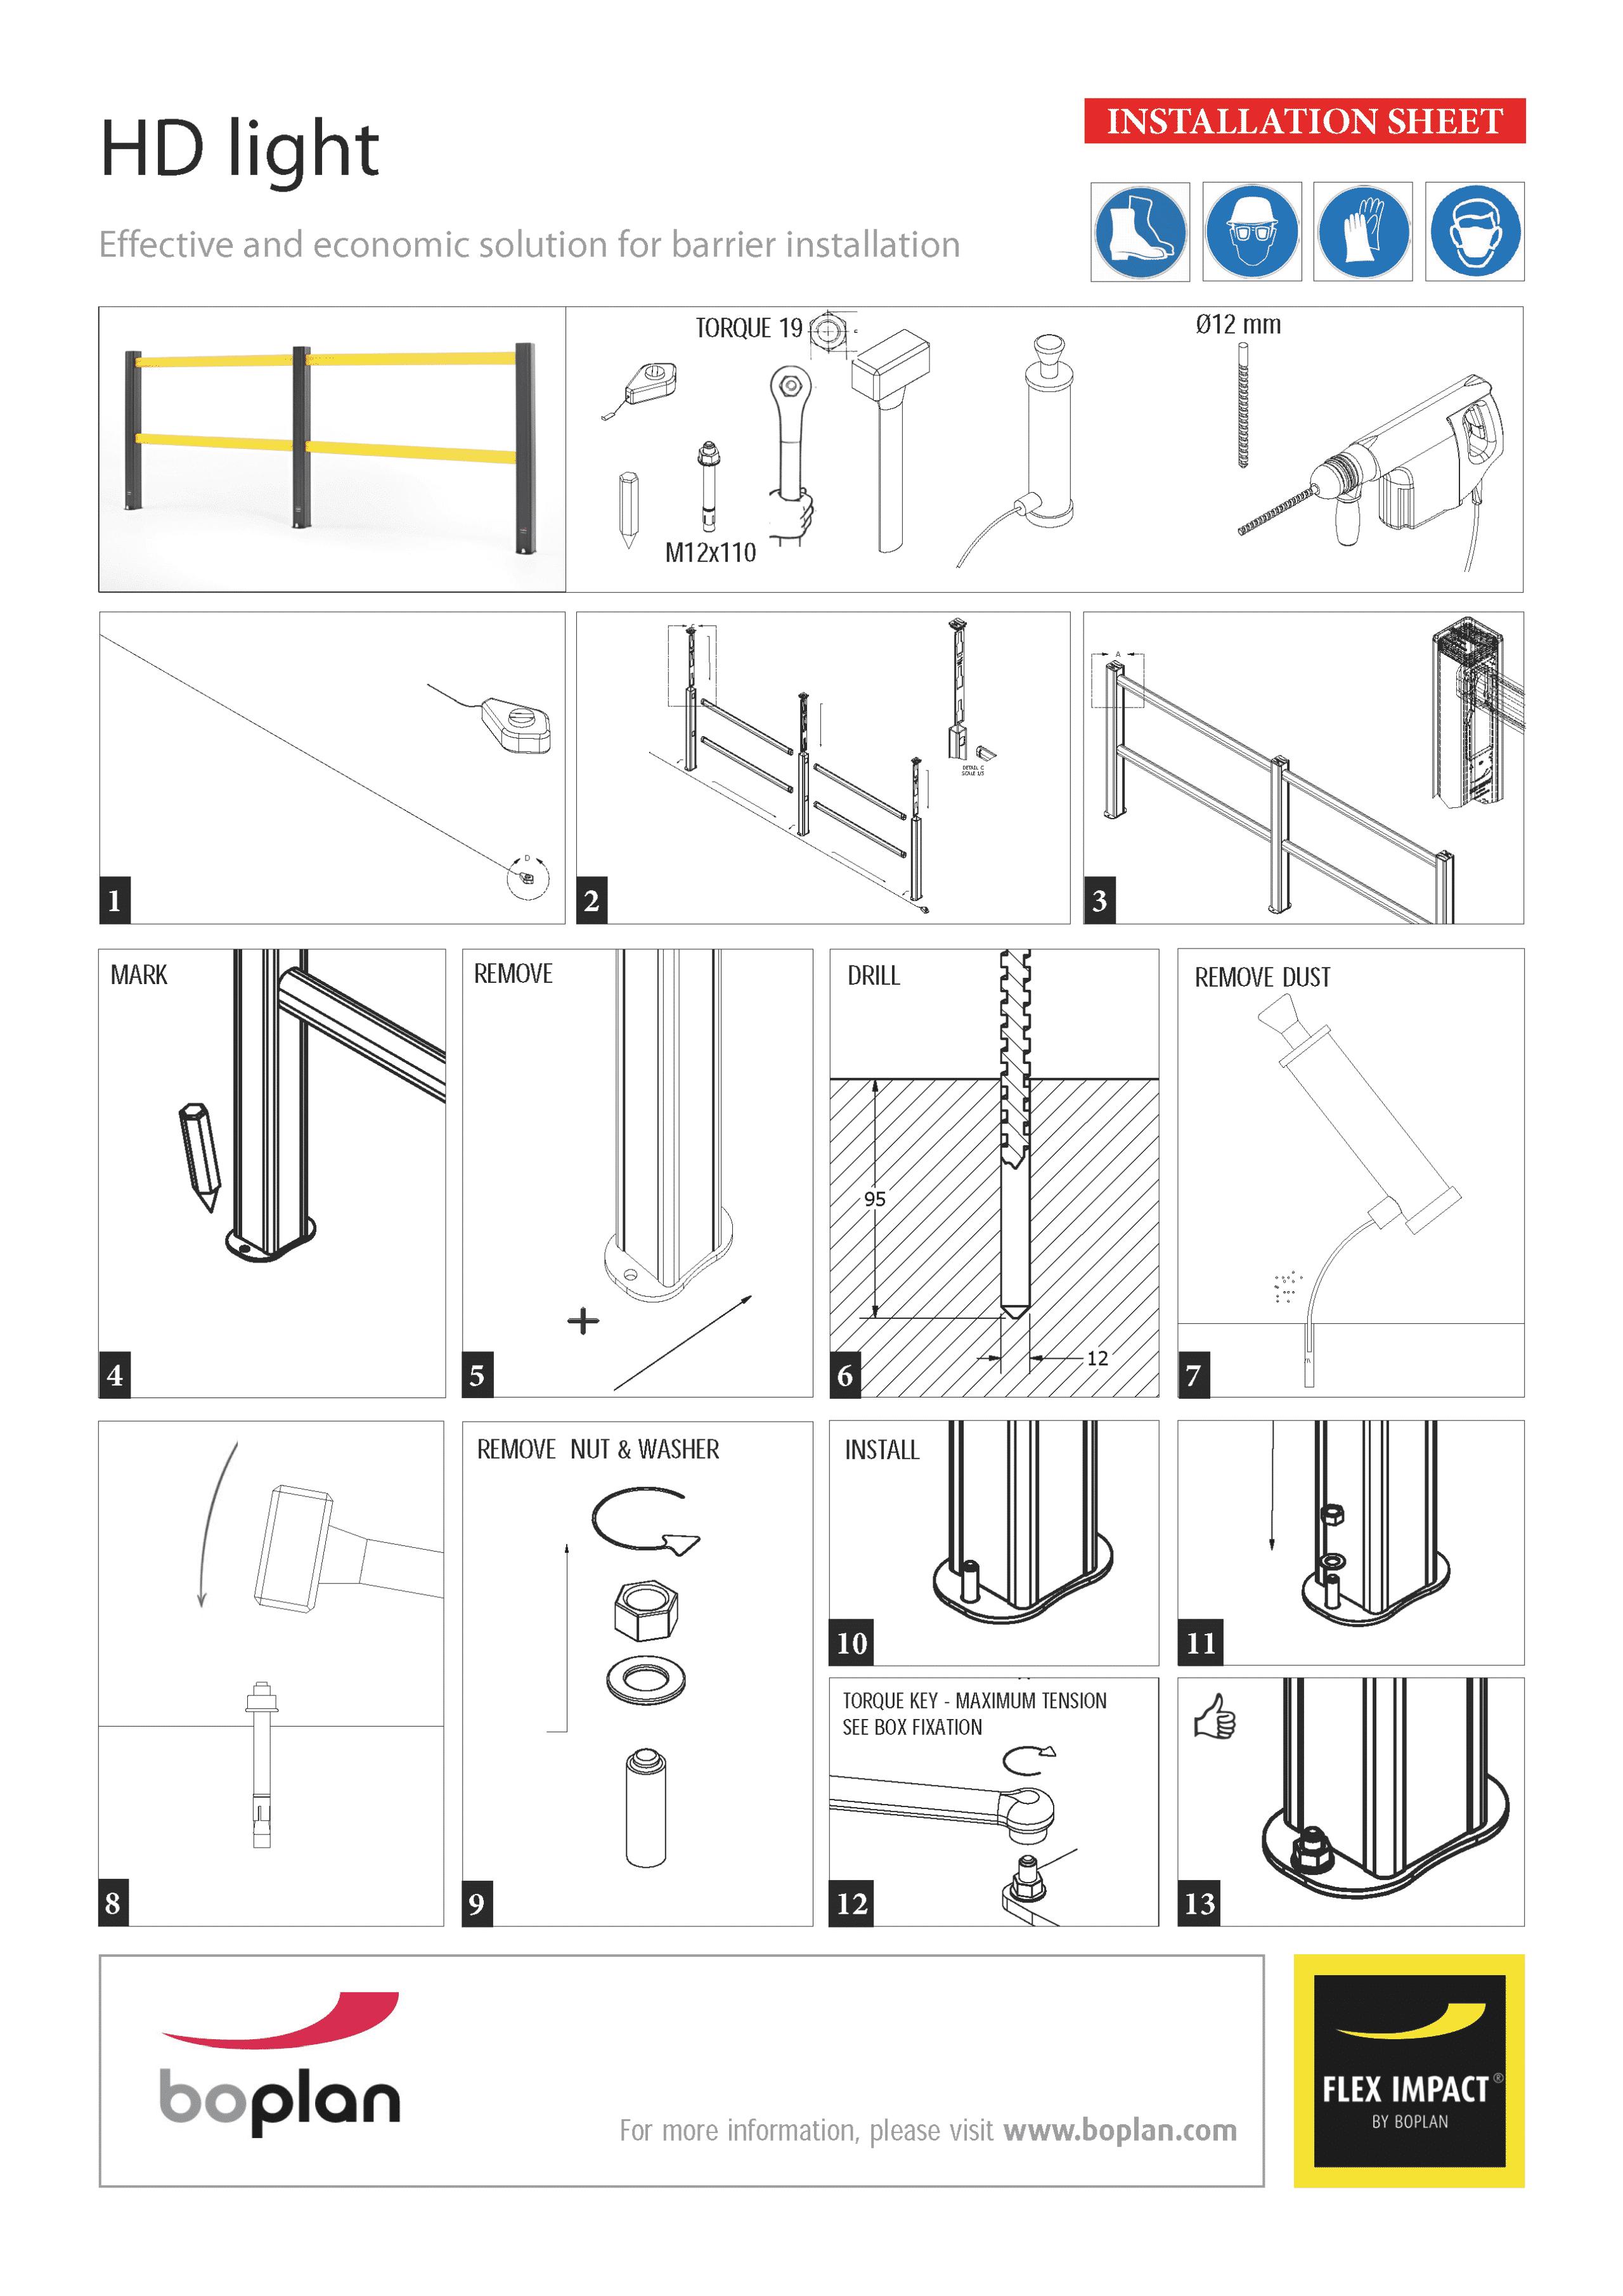 Montageanleitung boplan HD Light